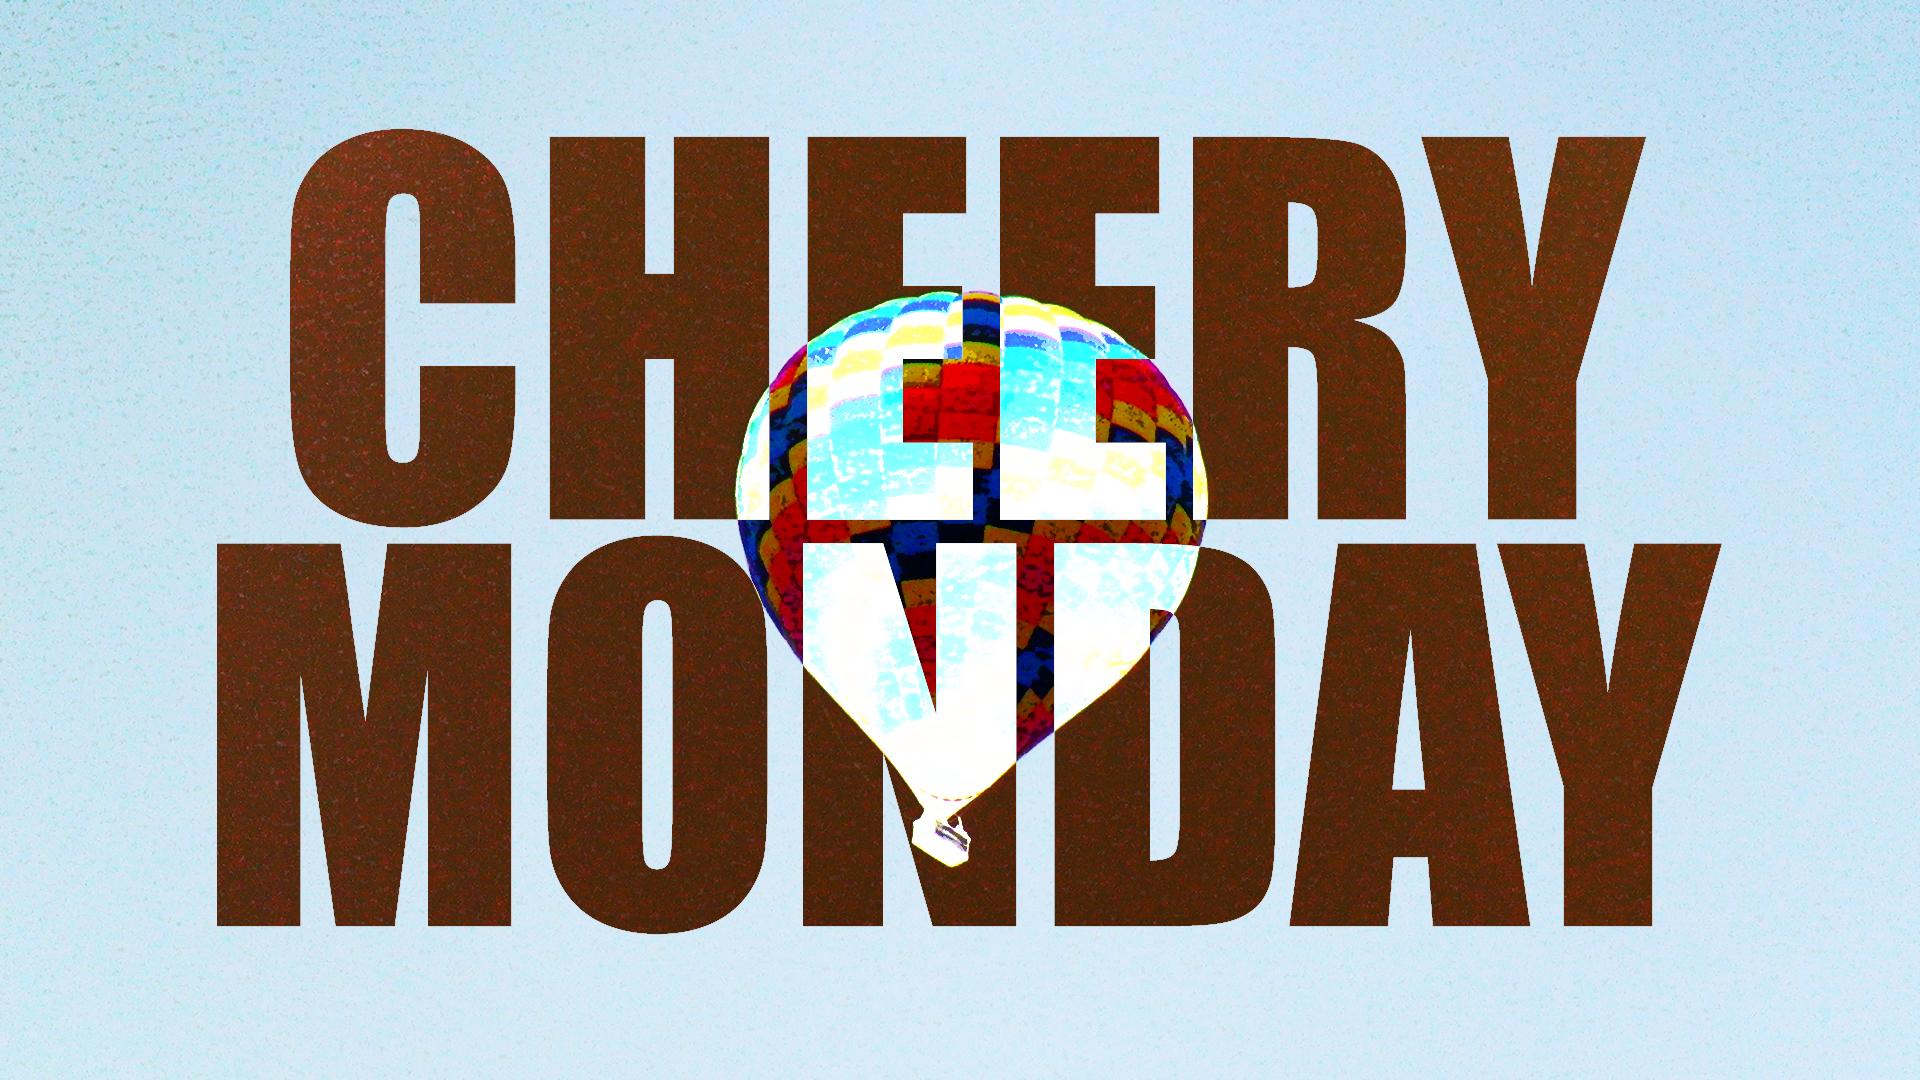 2018-04-09 Cheery Monday v2